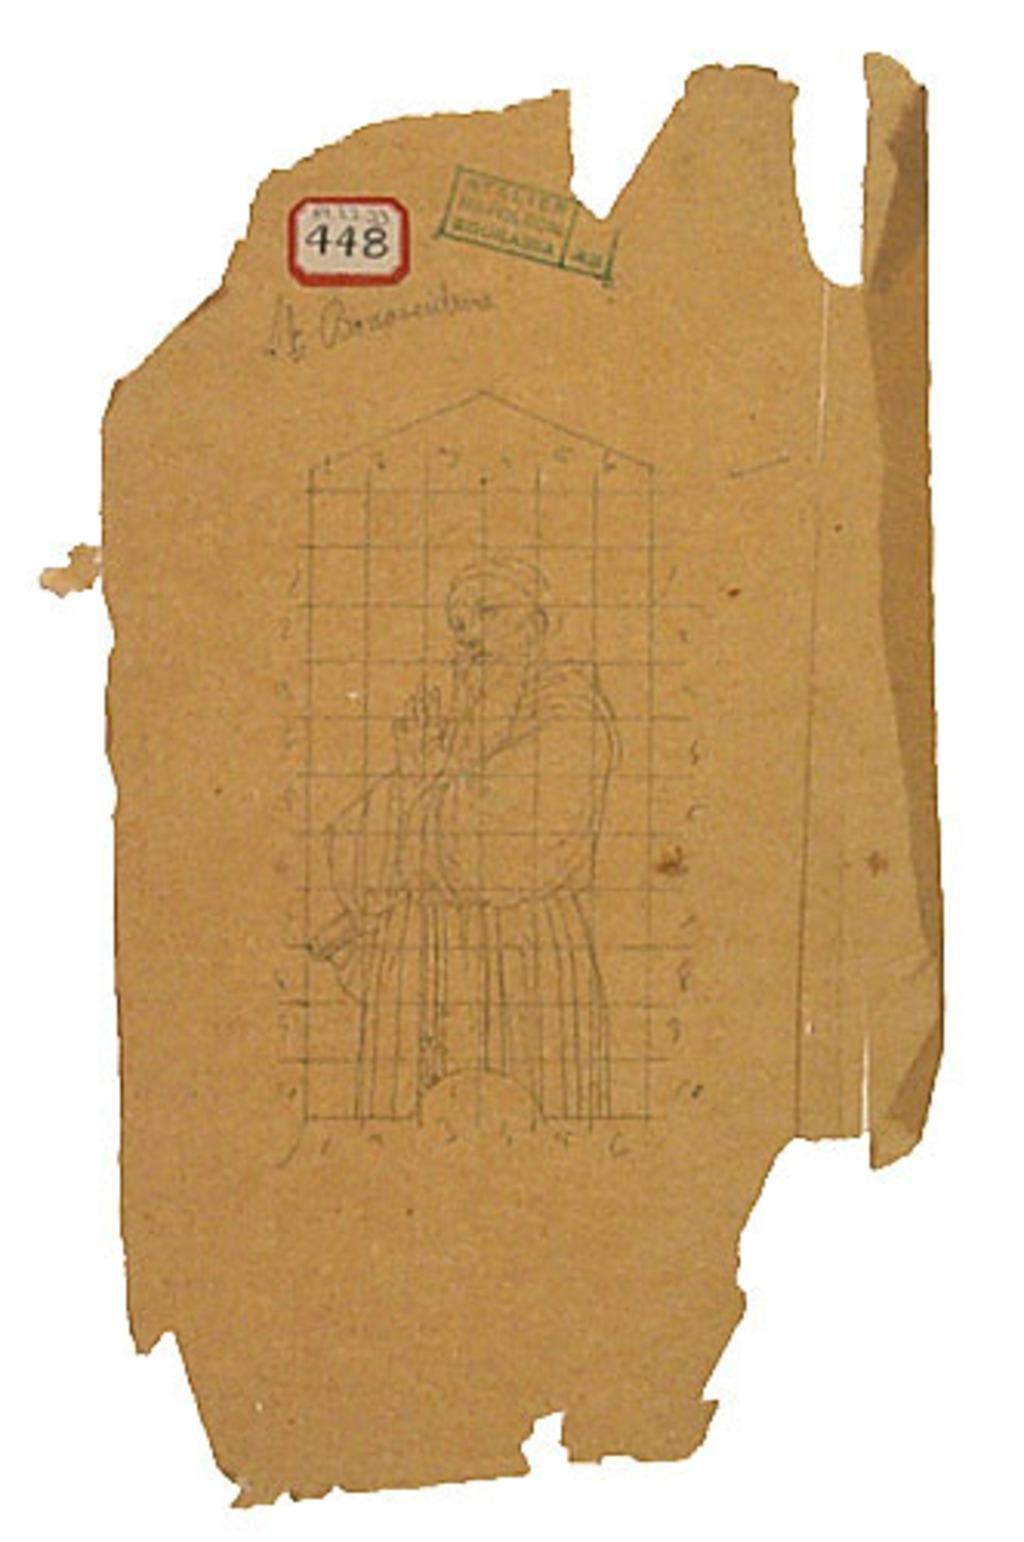 Saint Bonaventure. Esquisse mise au carreau pour la décoration d'un mur du transept droit de la chapelle Notre-Dame-de-Lourdes, Montréal